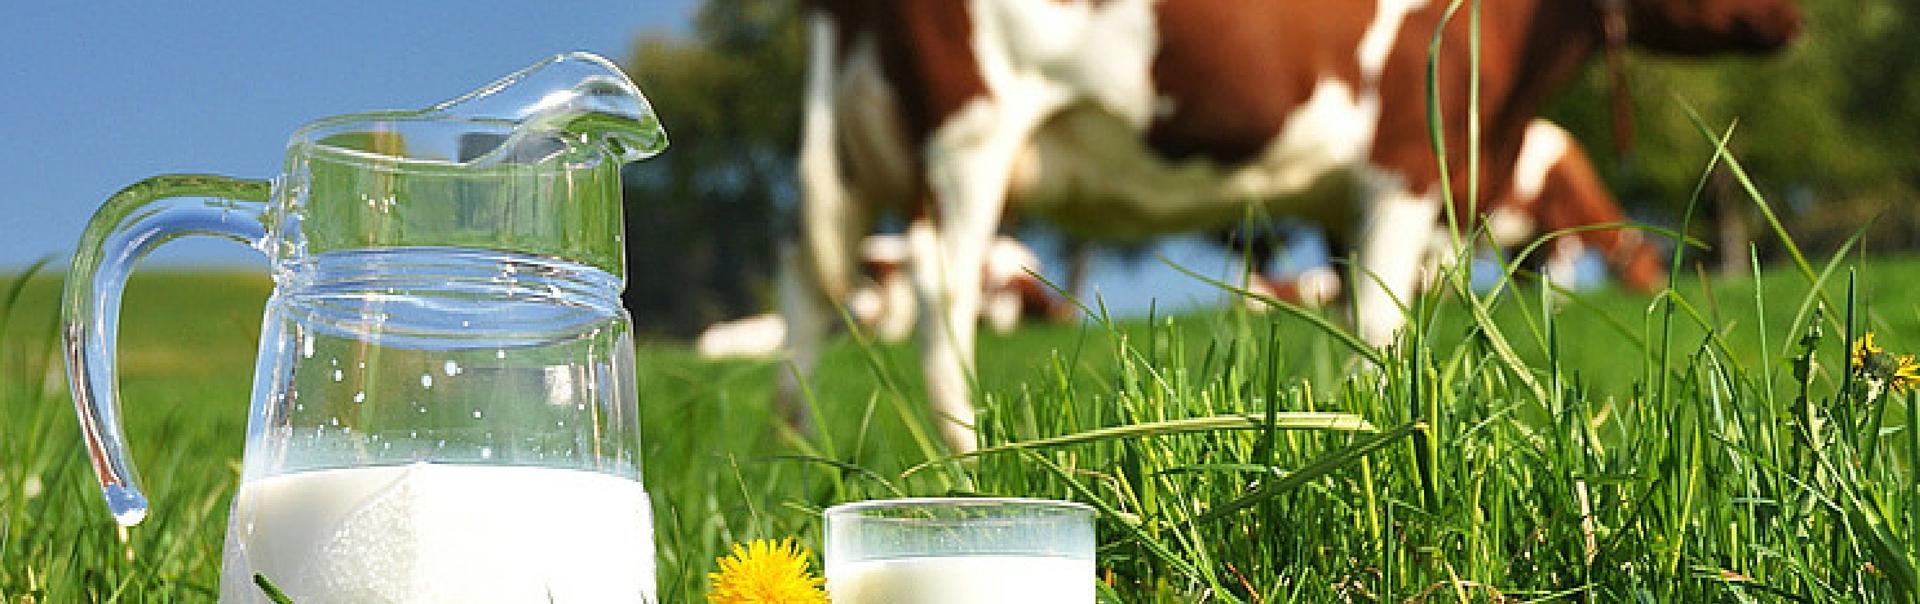 cows milk